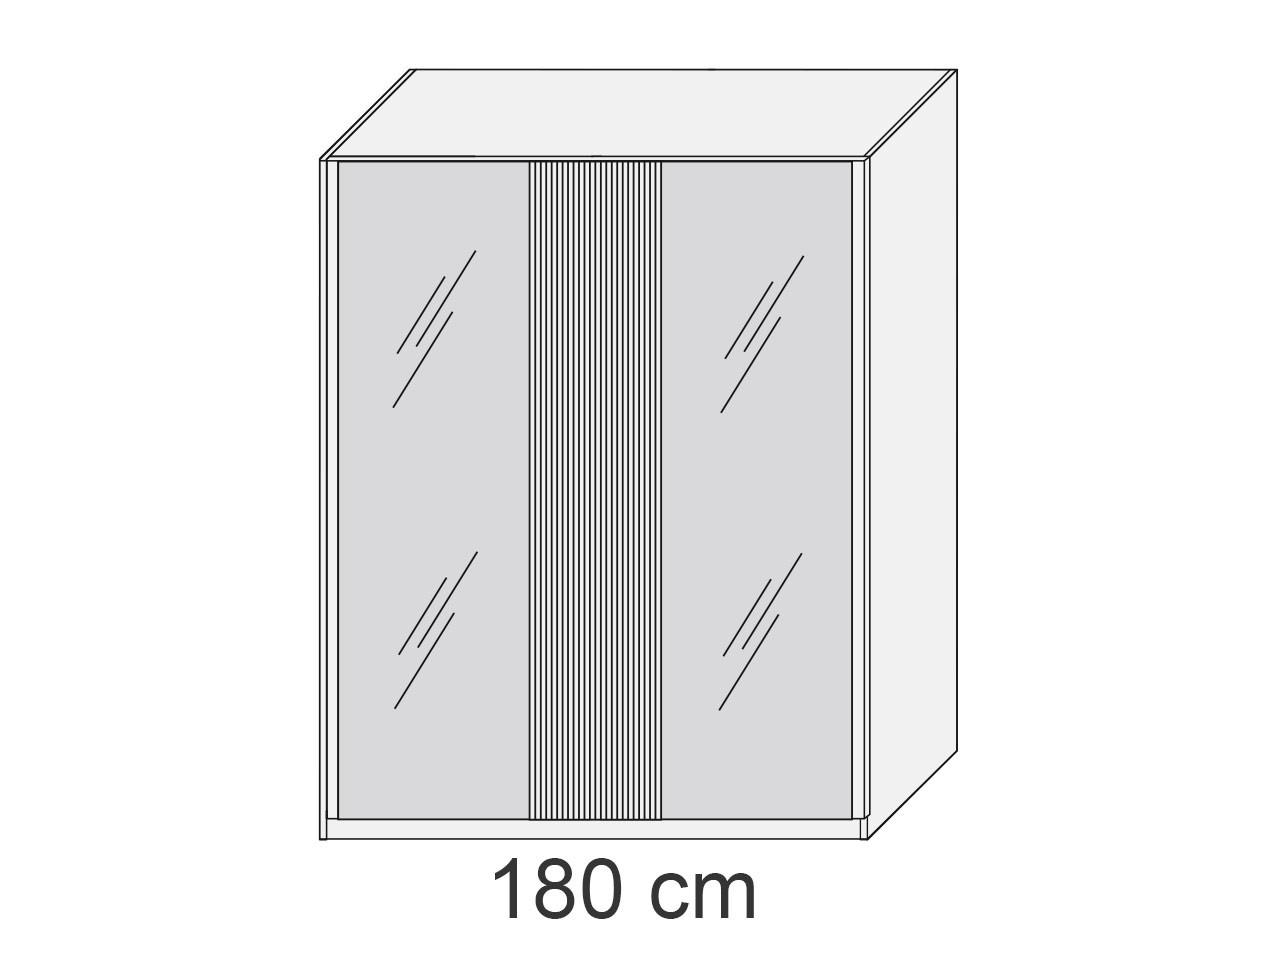 M&H Zusatzausstattung Schwebetürenschrank Jupiter III 180 cm 100.30.05 Einlegeboden 50 cm Buche